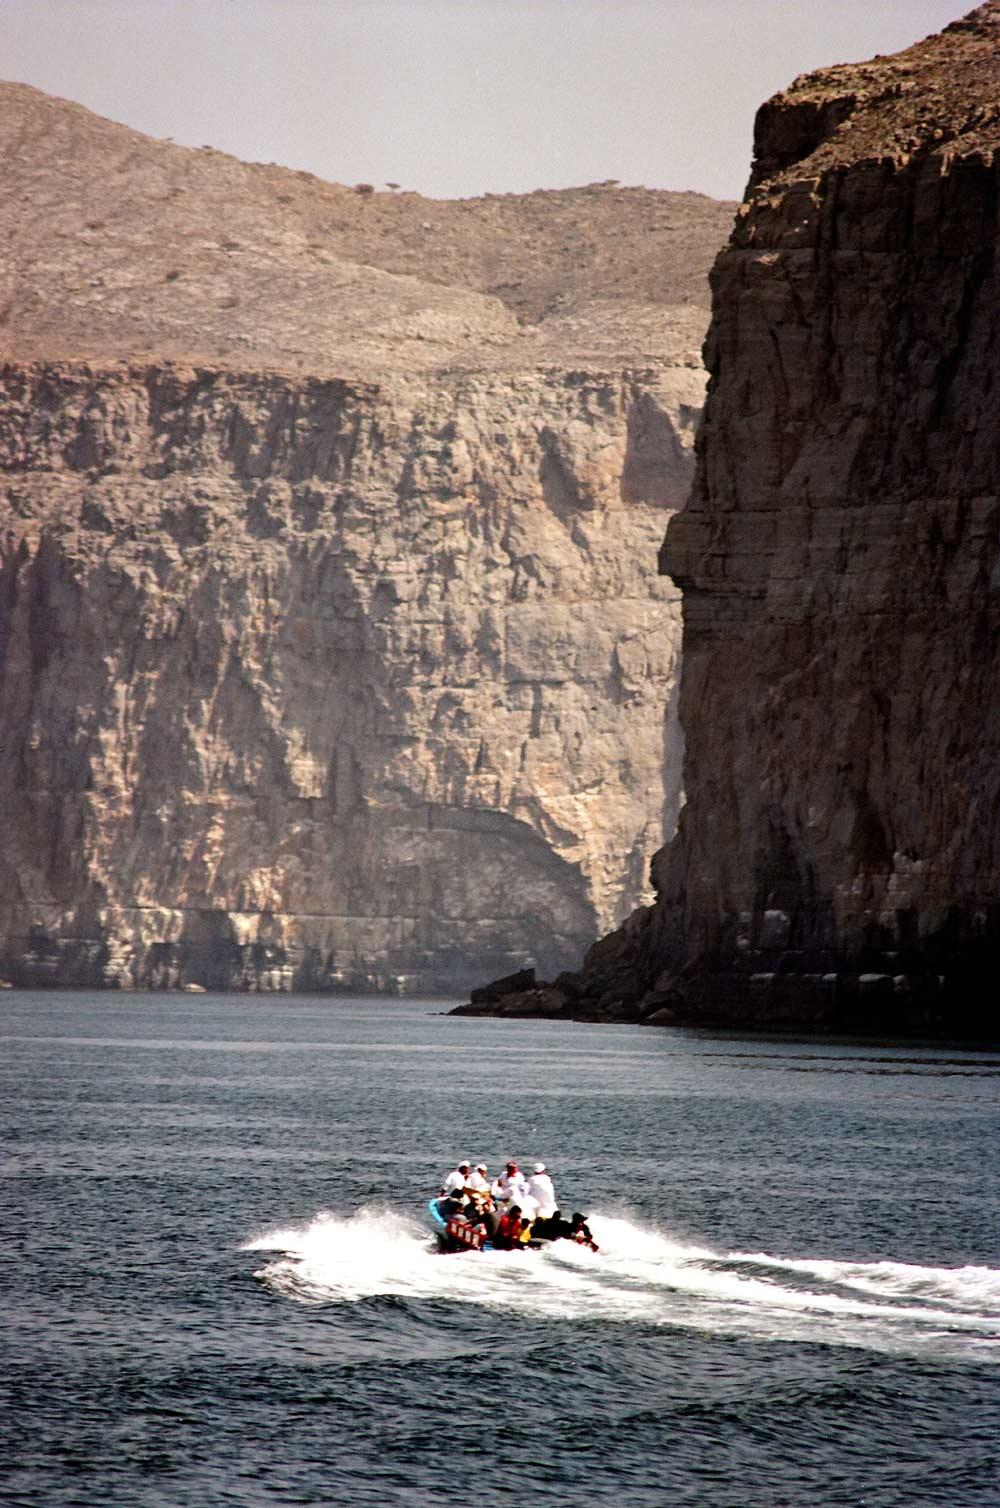 Oman - Canyon river boat